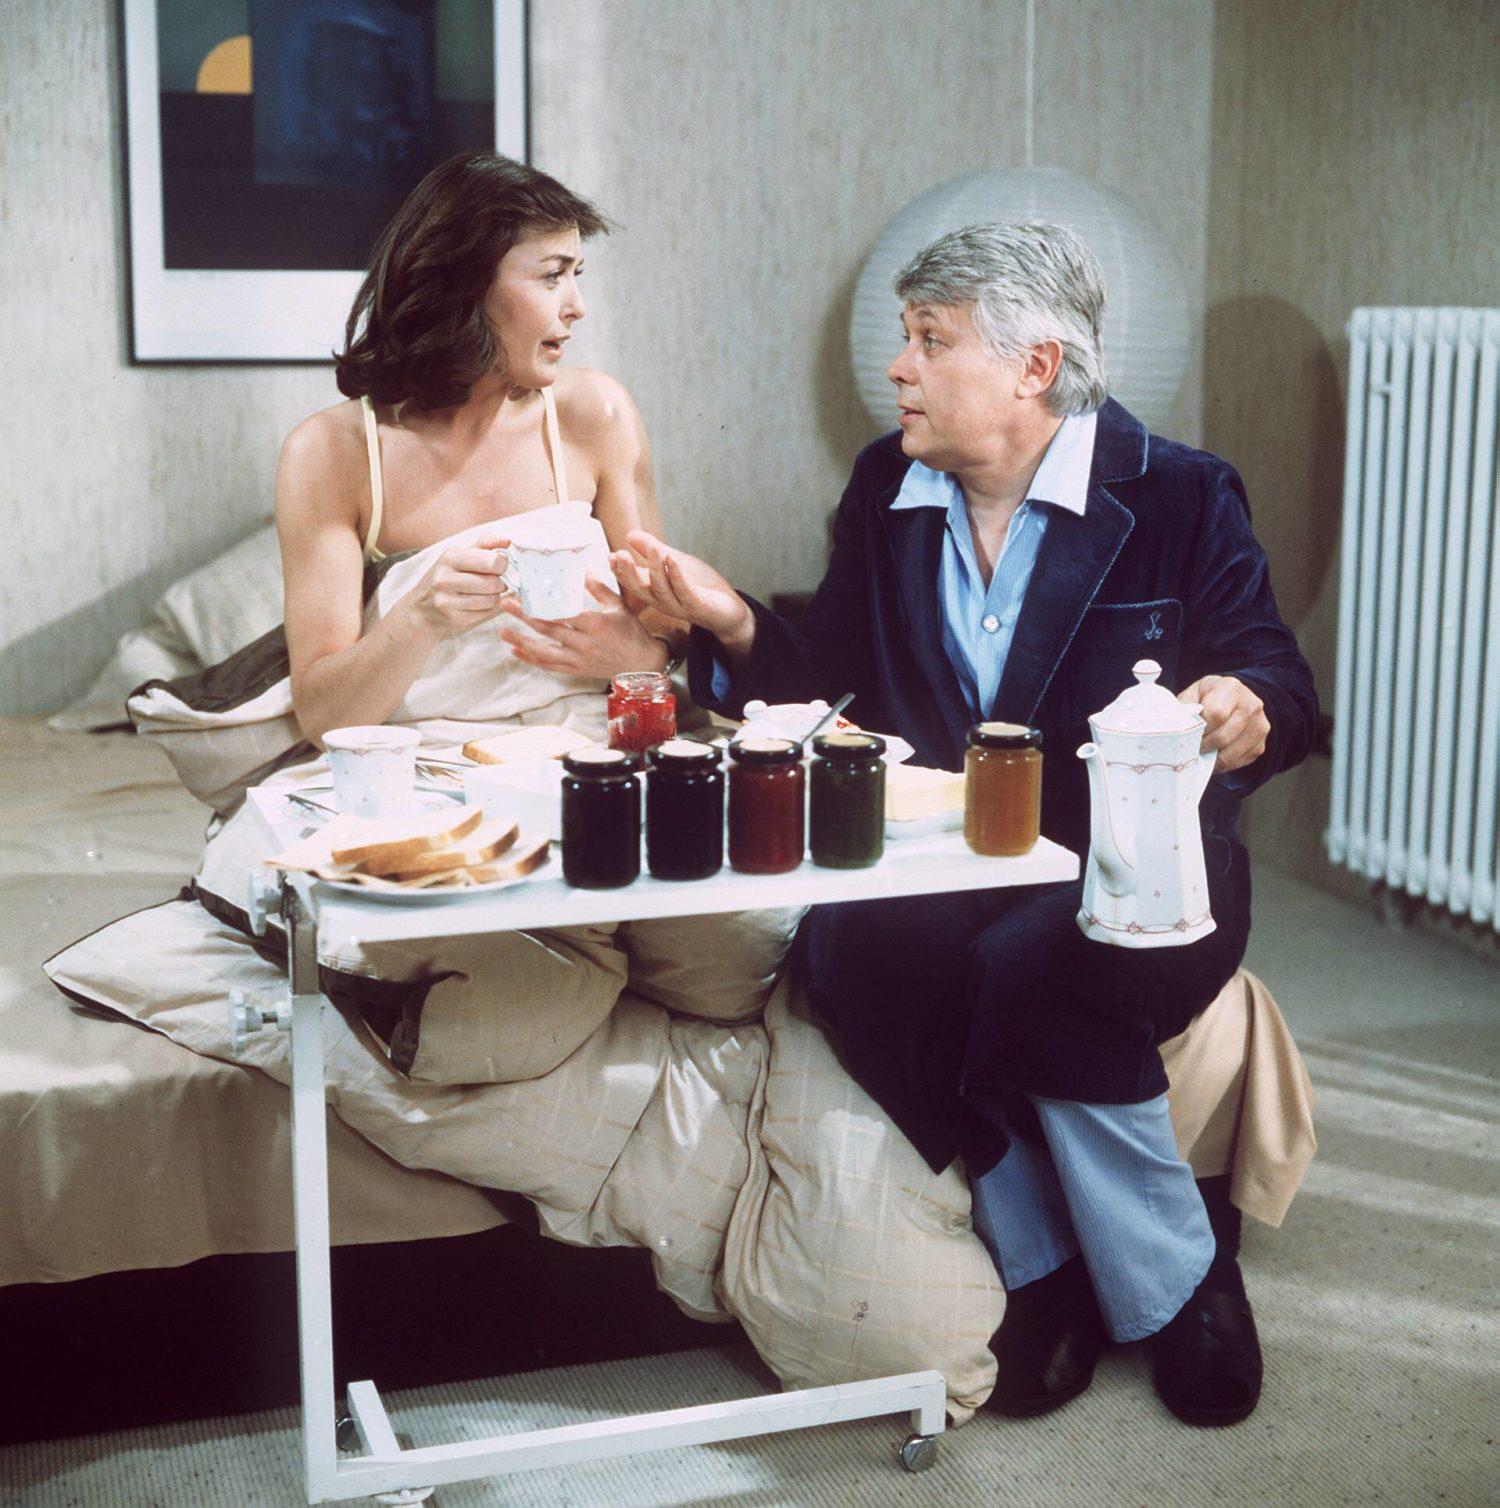 """Frühstück am Bett für Peter Weck und Thekla Carola Wied in """"Ich heirate eine Familie"""". Foto: Imago Images/United Archives"""